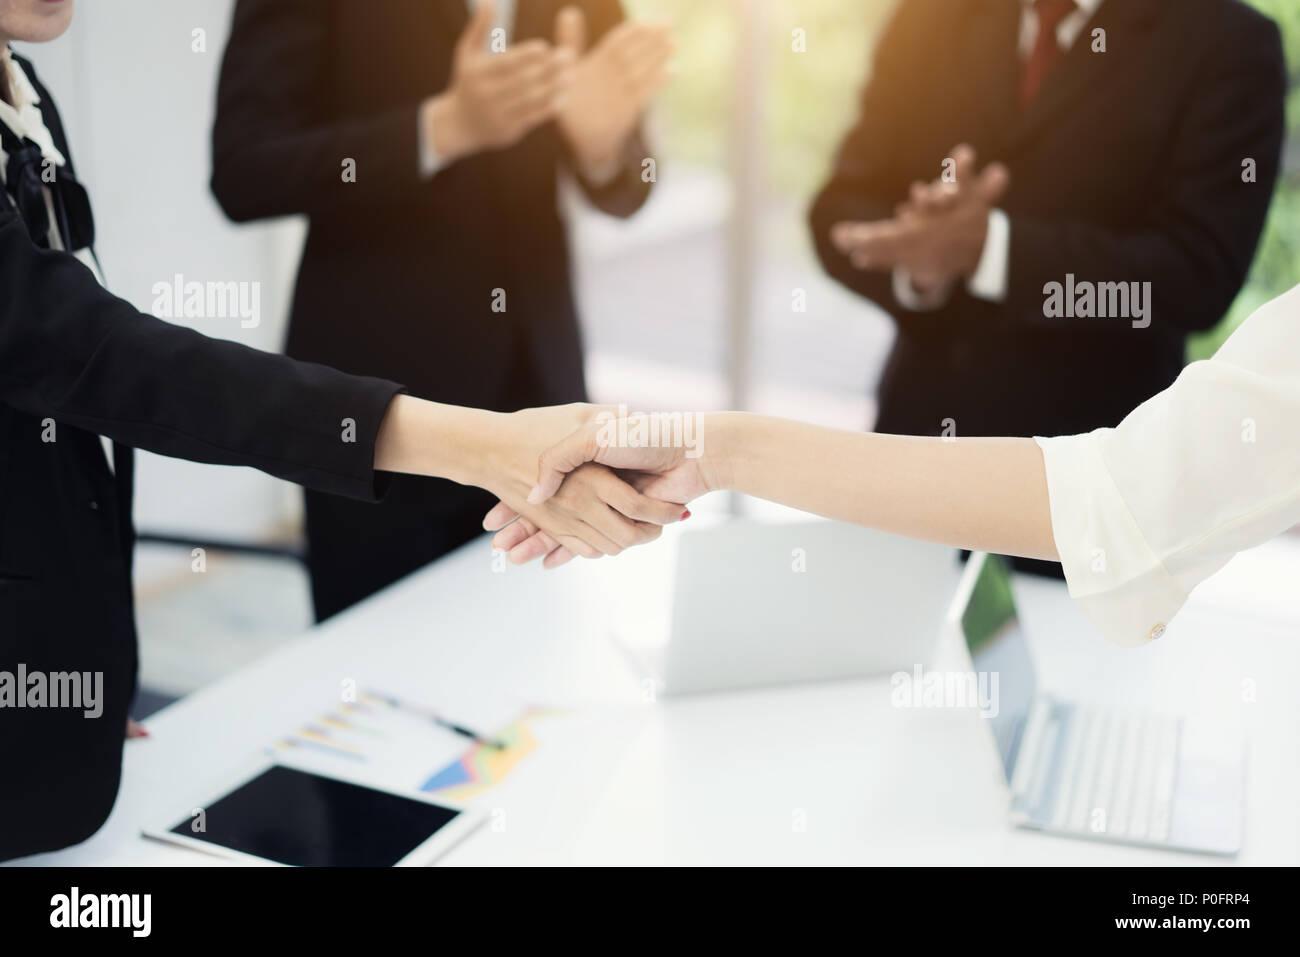 Geschäft Leute die Hände schütteln, bis Beendigung einer Versammlung einen Deal mit seinem Partner das Geschäft mit Kollegen Klatschen zu Congrats zu versiegeln. Stockbild